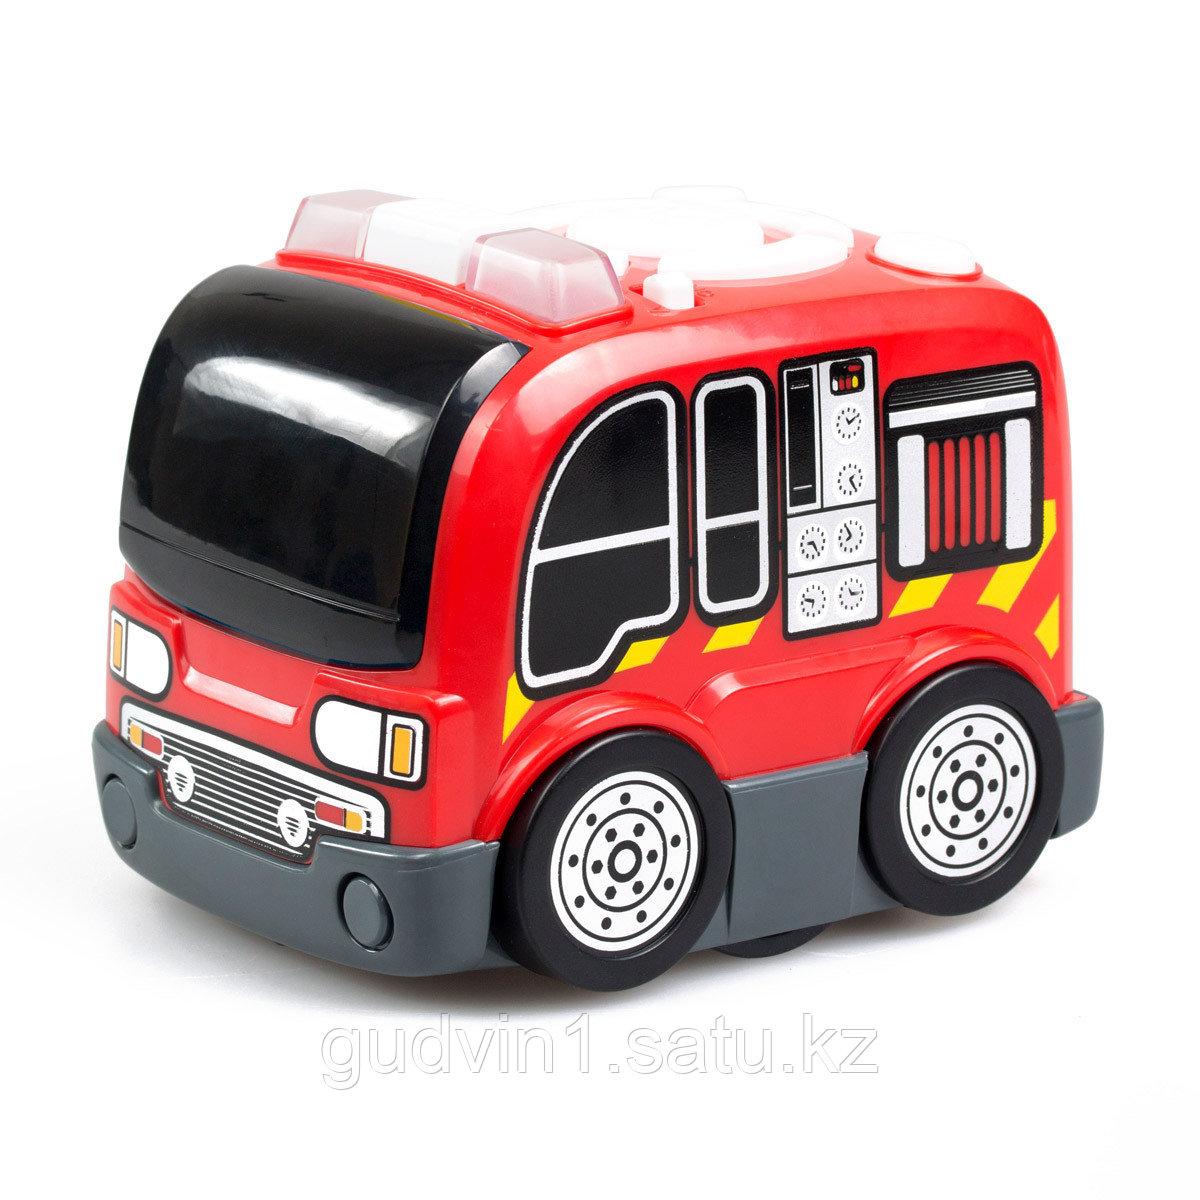 Программируемая пожарная машина Tooko 81470